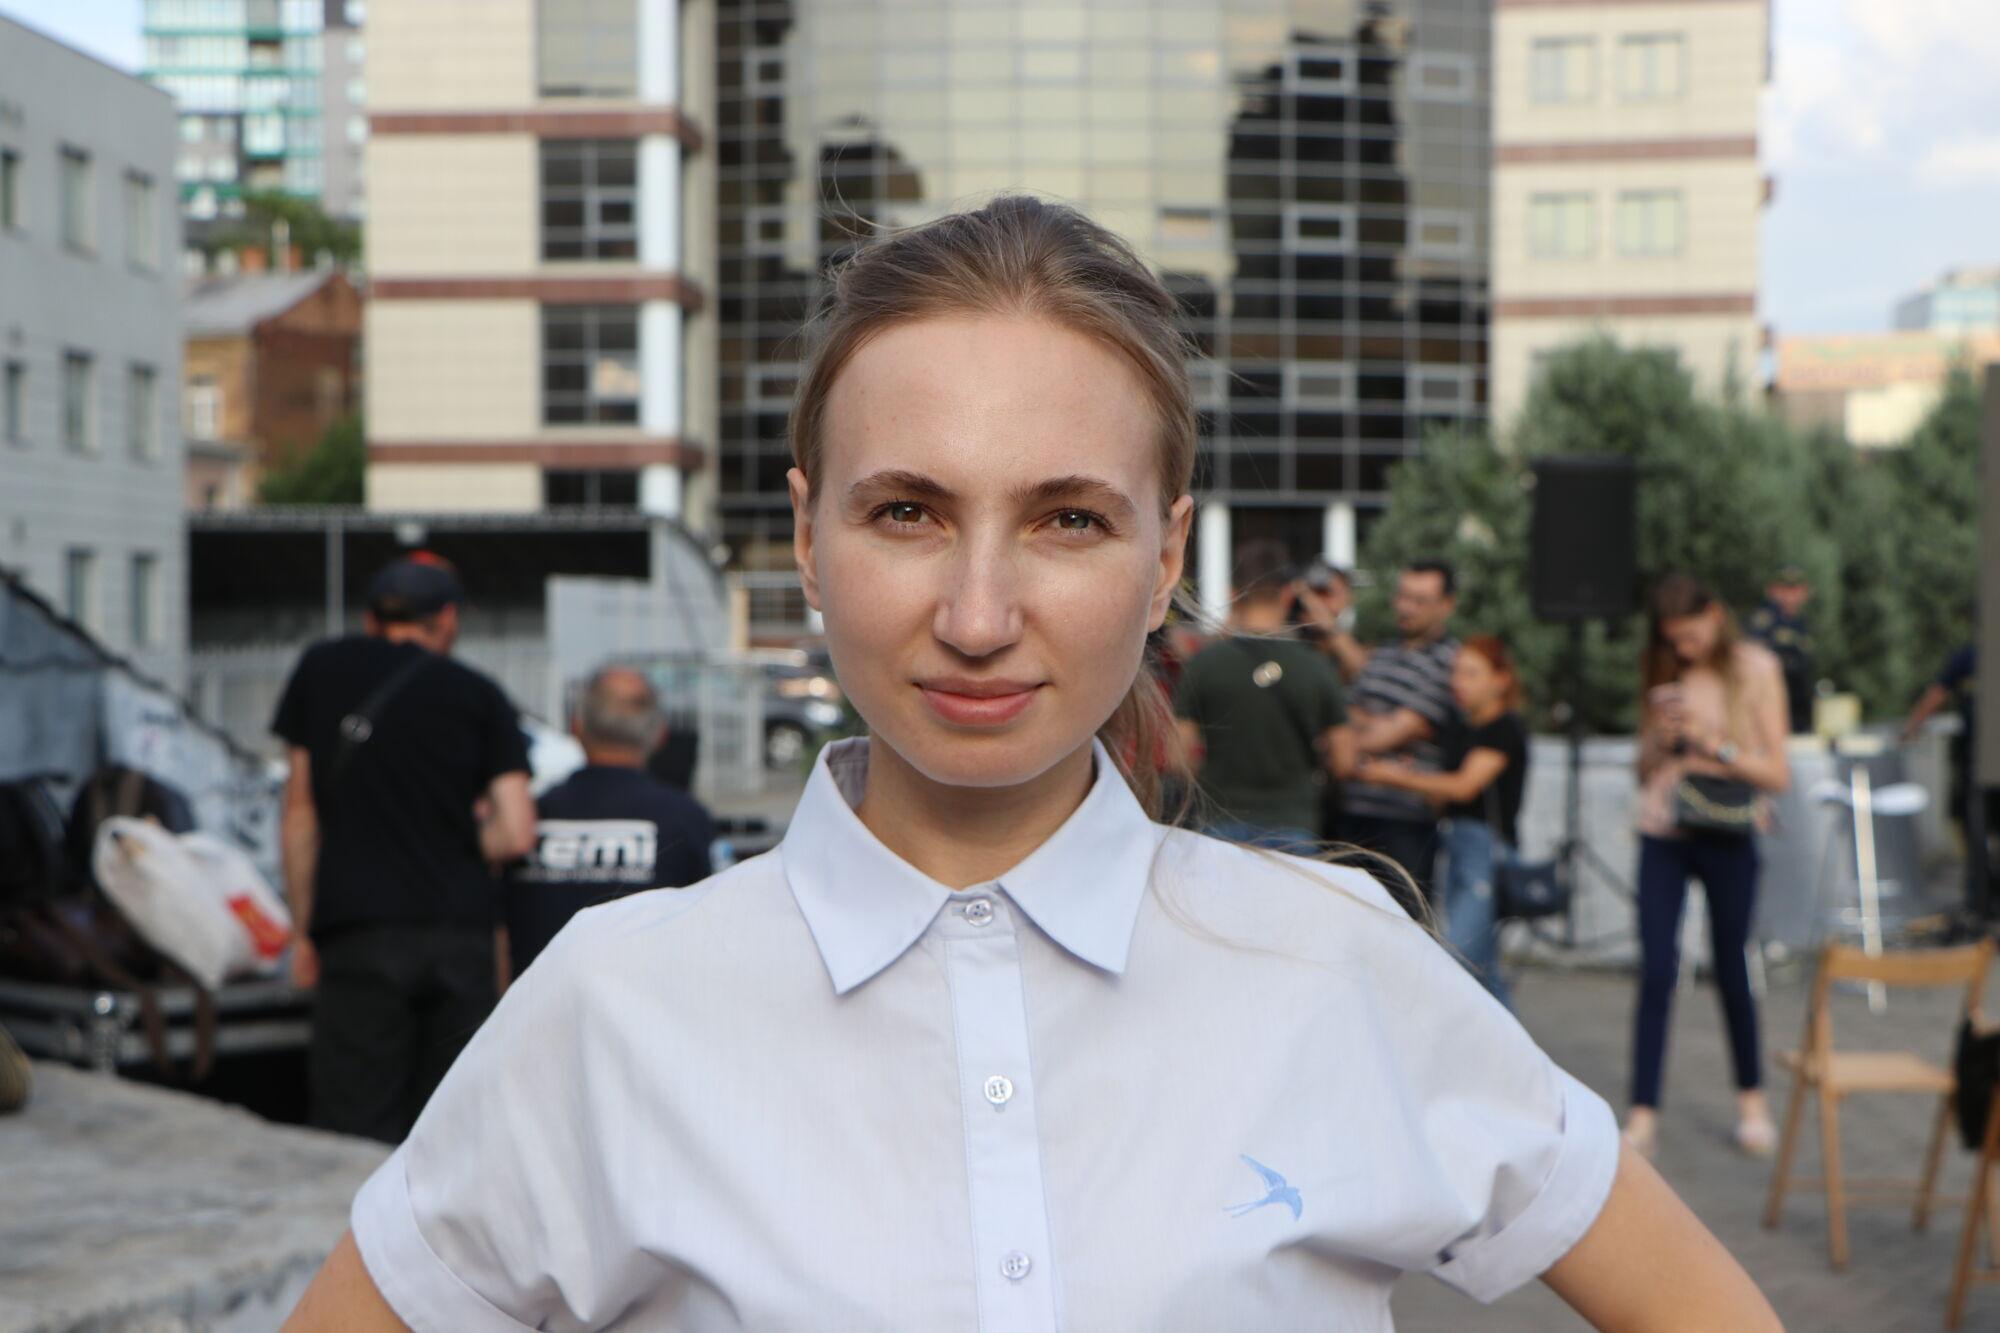 Директорка департаменту молодіжної політики та національно-патріотичного виховання Дніпровської міської ради Дар'я Біла